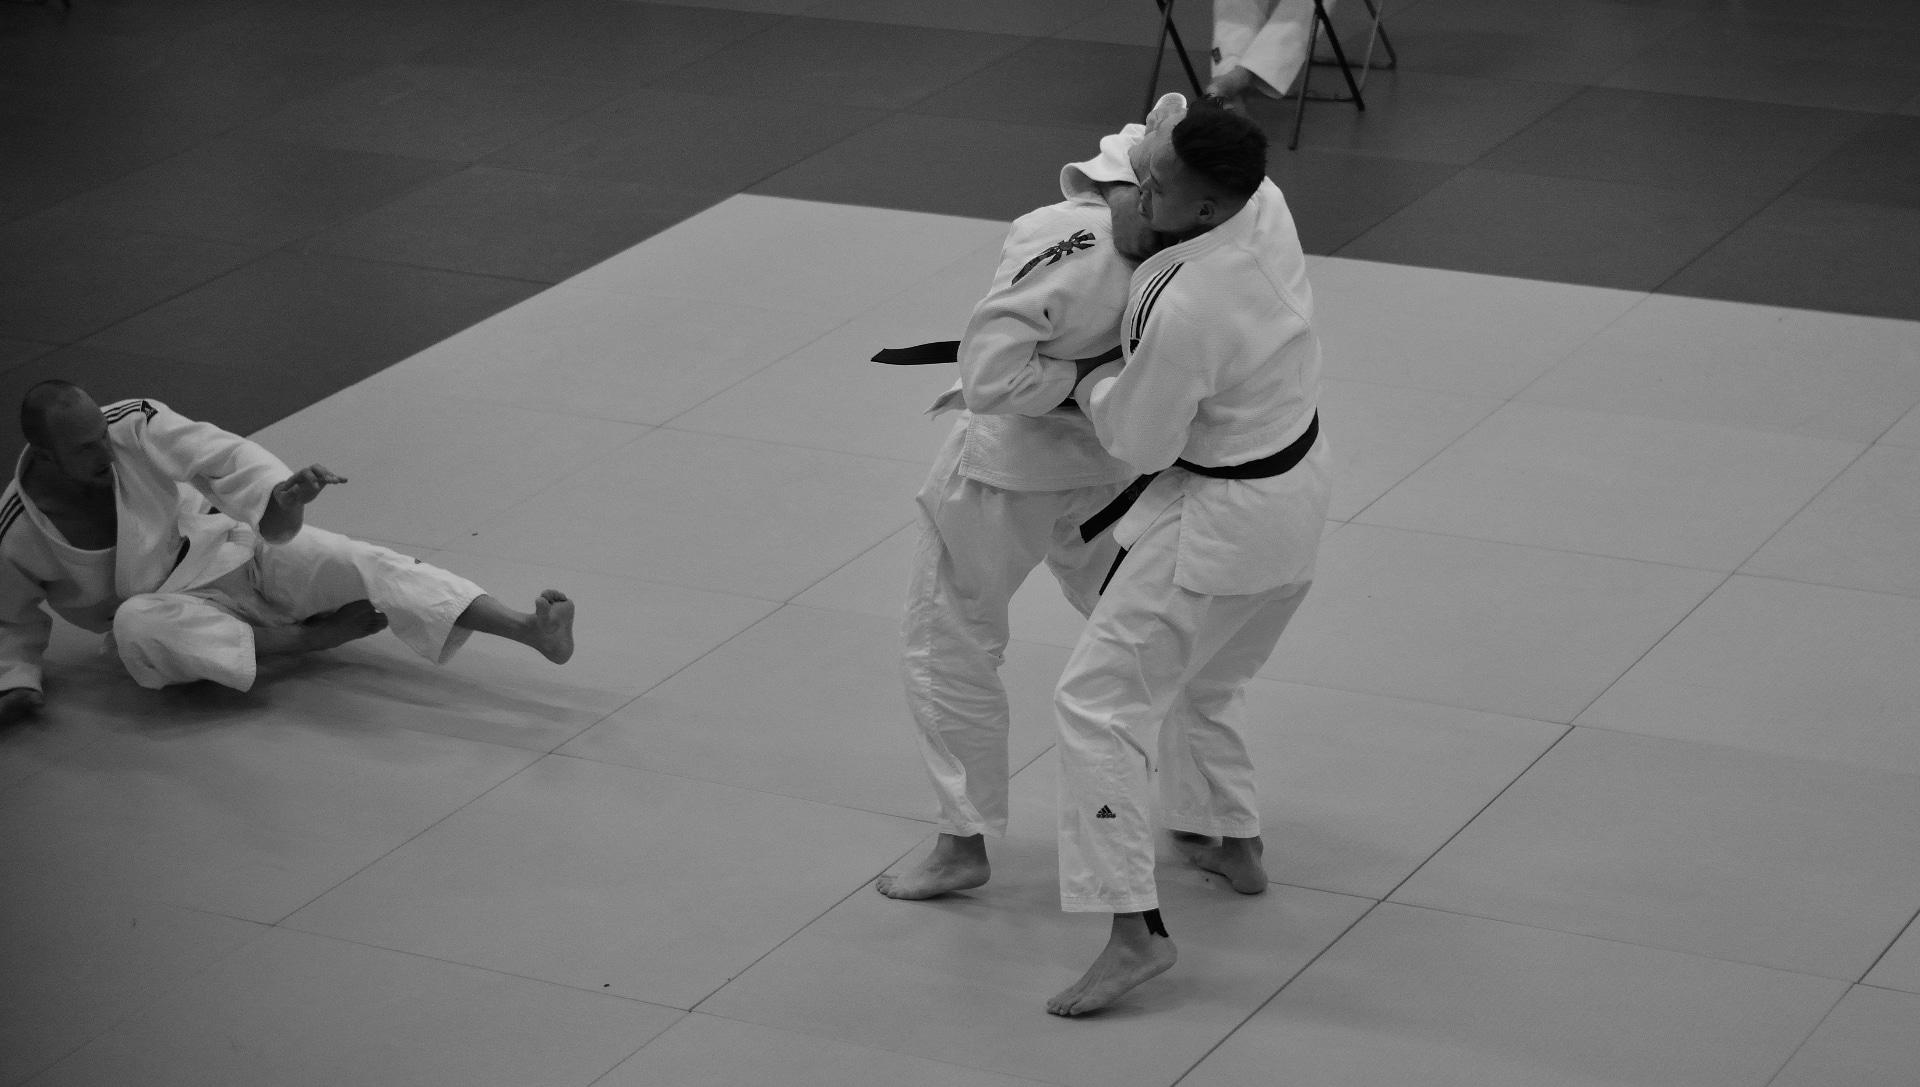 jiu-jitsu hulp aan derden door zelfverdediging technieken